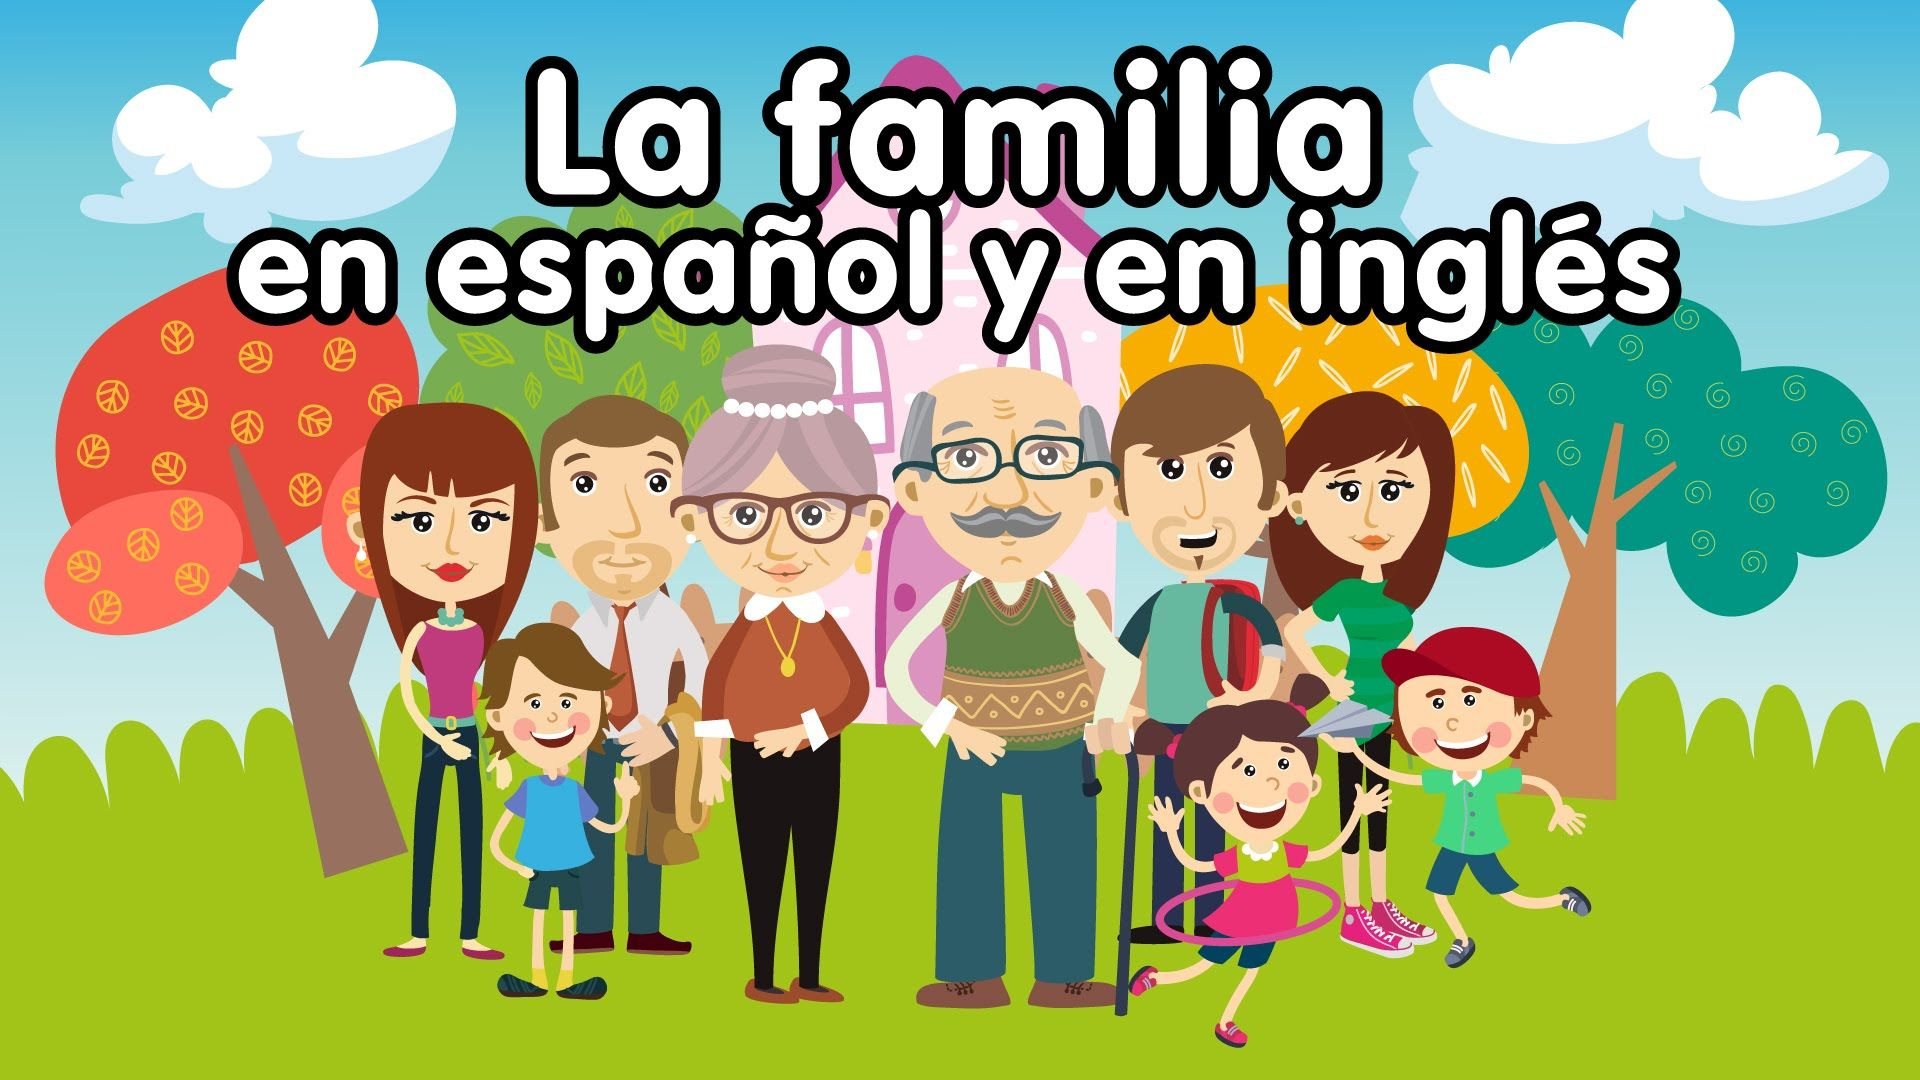 Esta Es La Cancion De La Familia Donde Vamos A Aprender